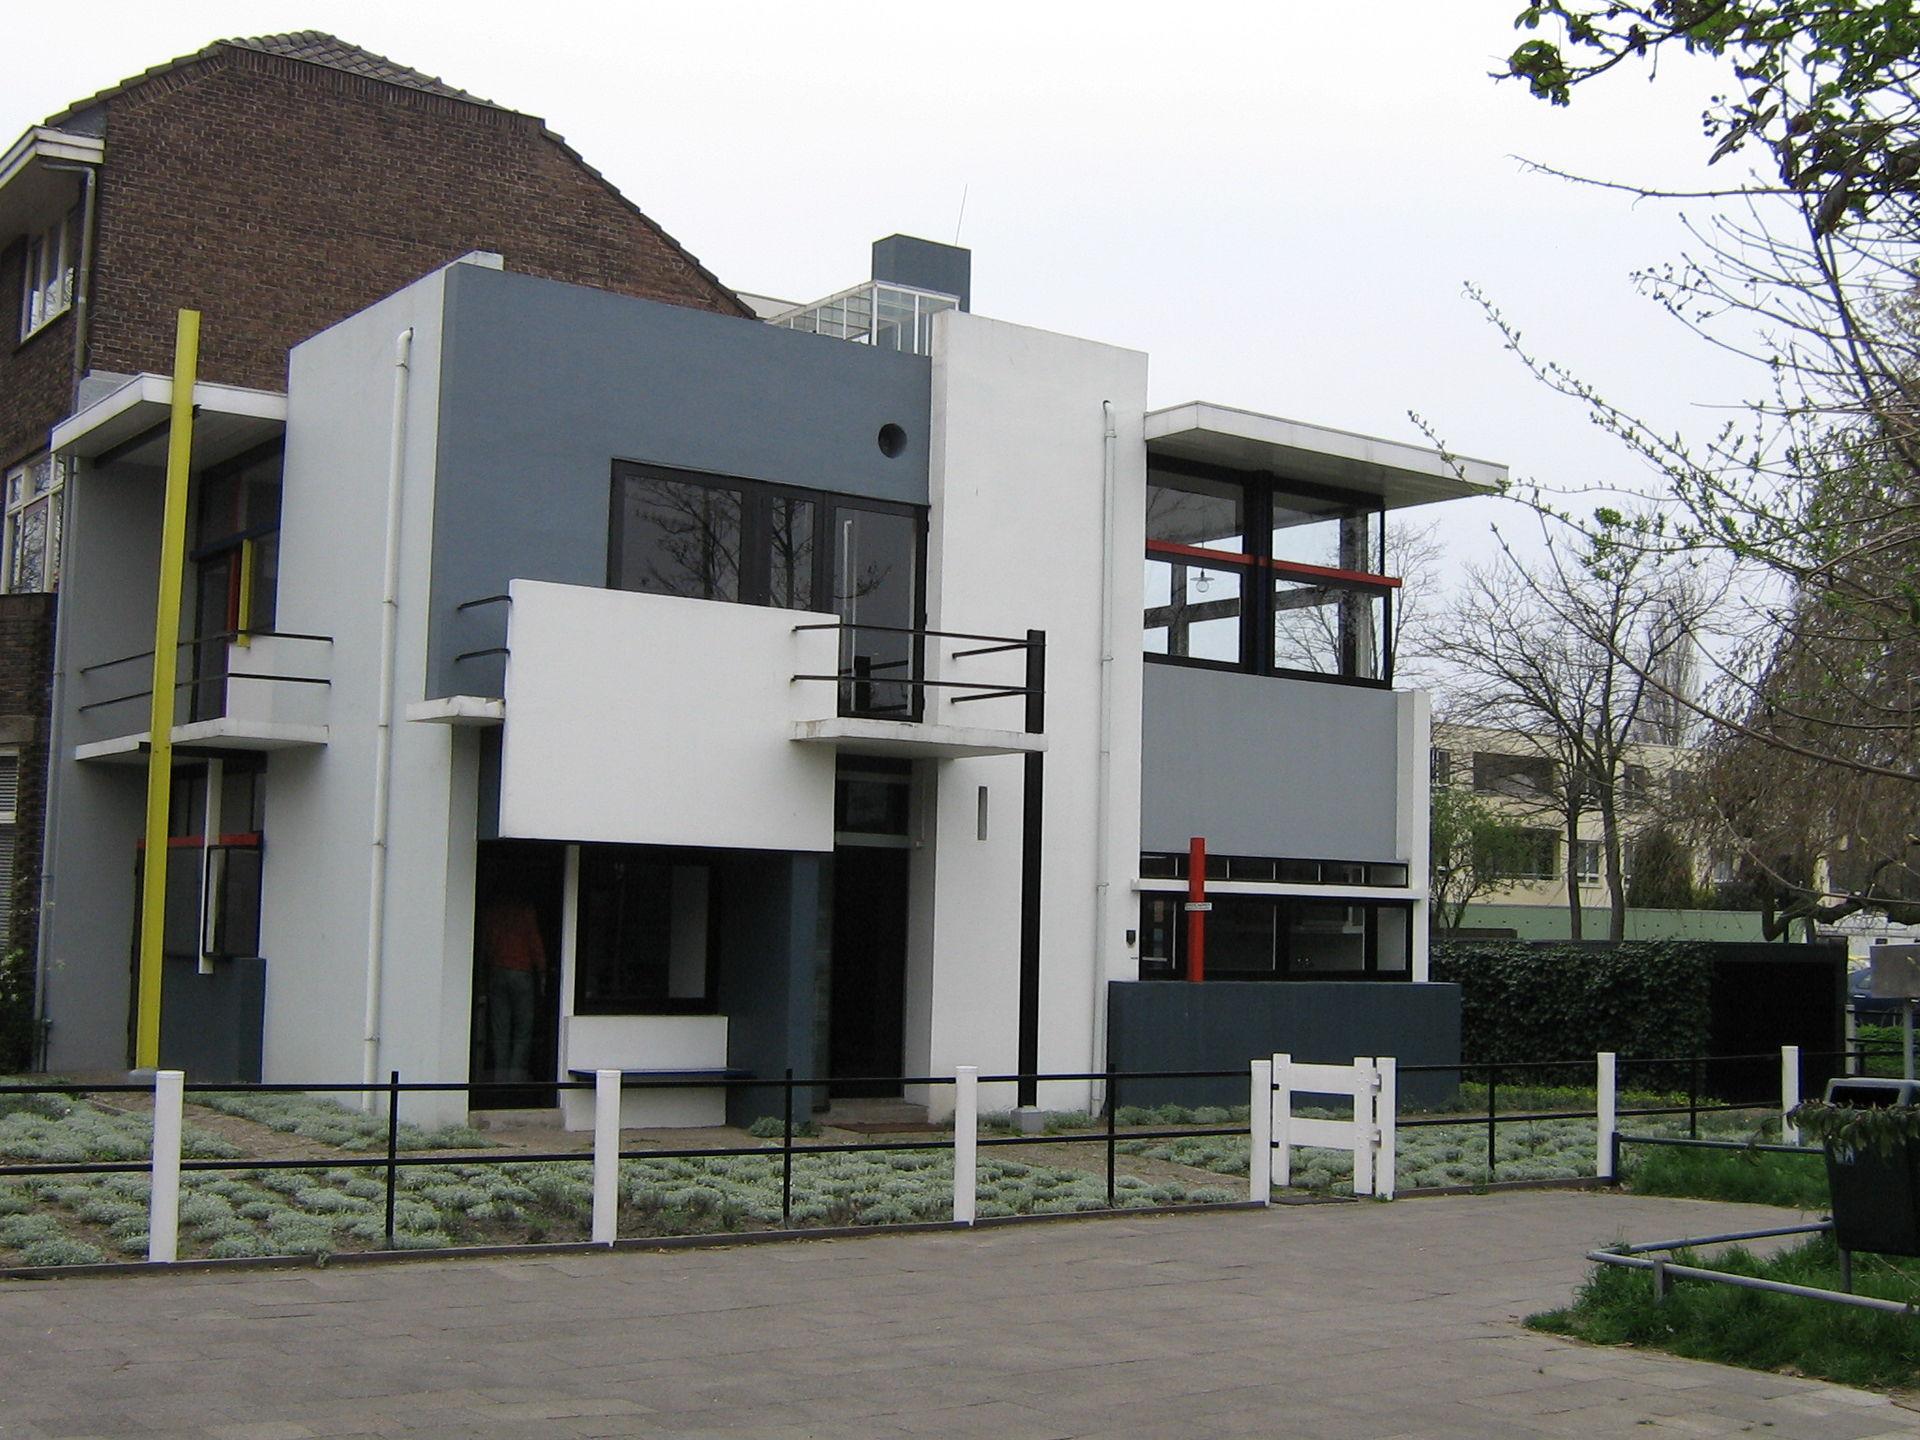 modernism wikipedia. Black Bedroom Furniture Sets. Home Design Ideas